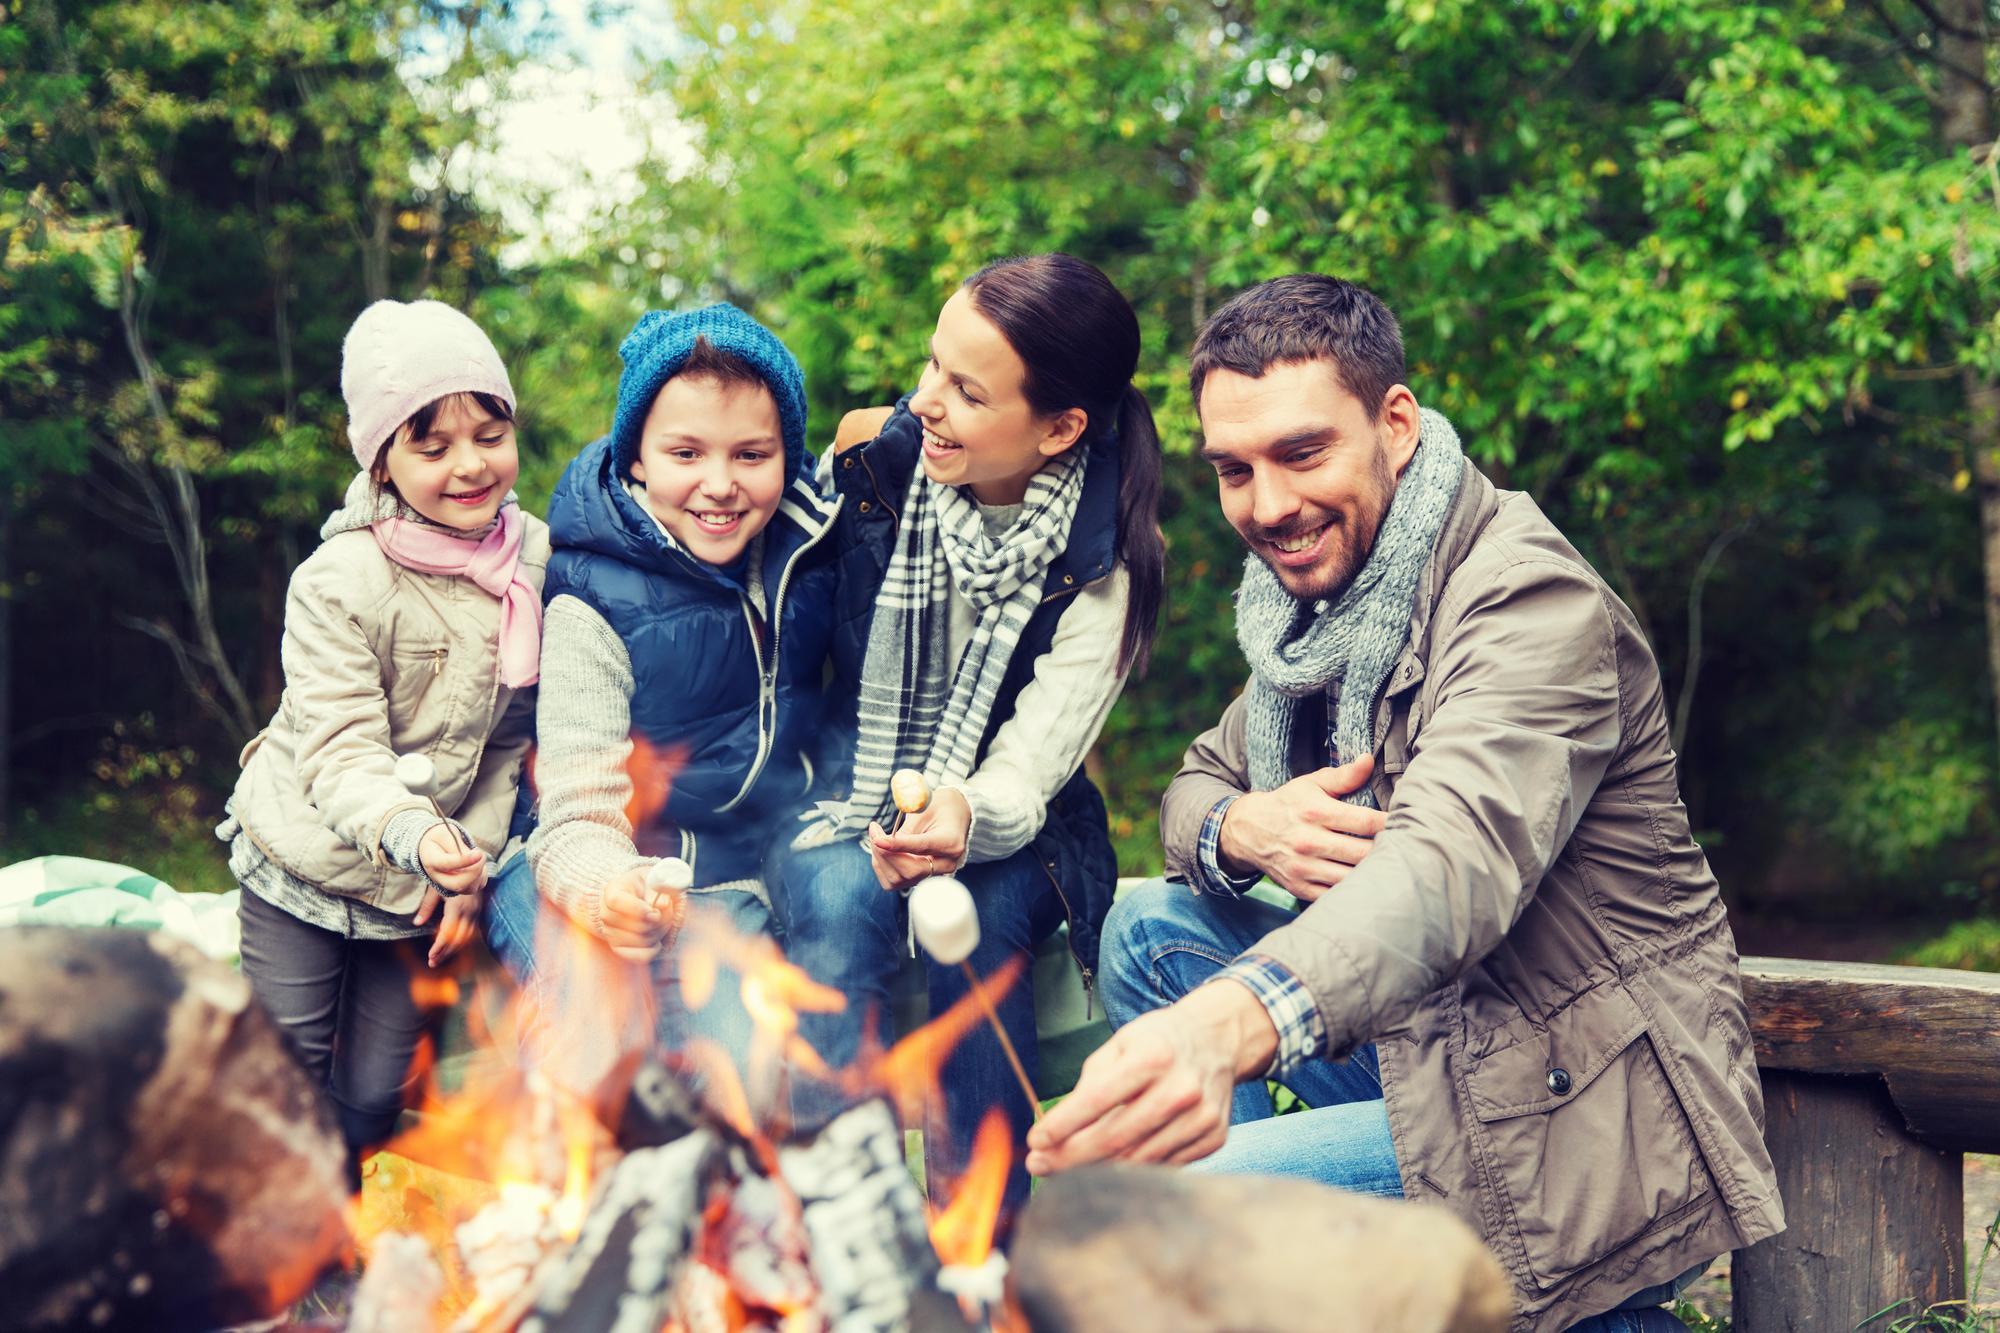 【ファミリーキャンプ】ママと子どもの寒さ対策!秋冬キャンプの服装の基本